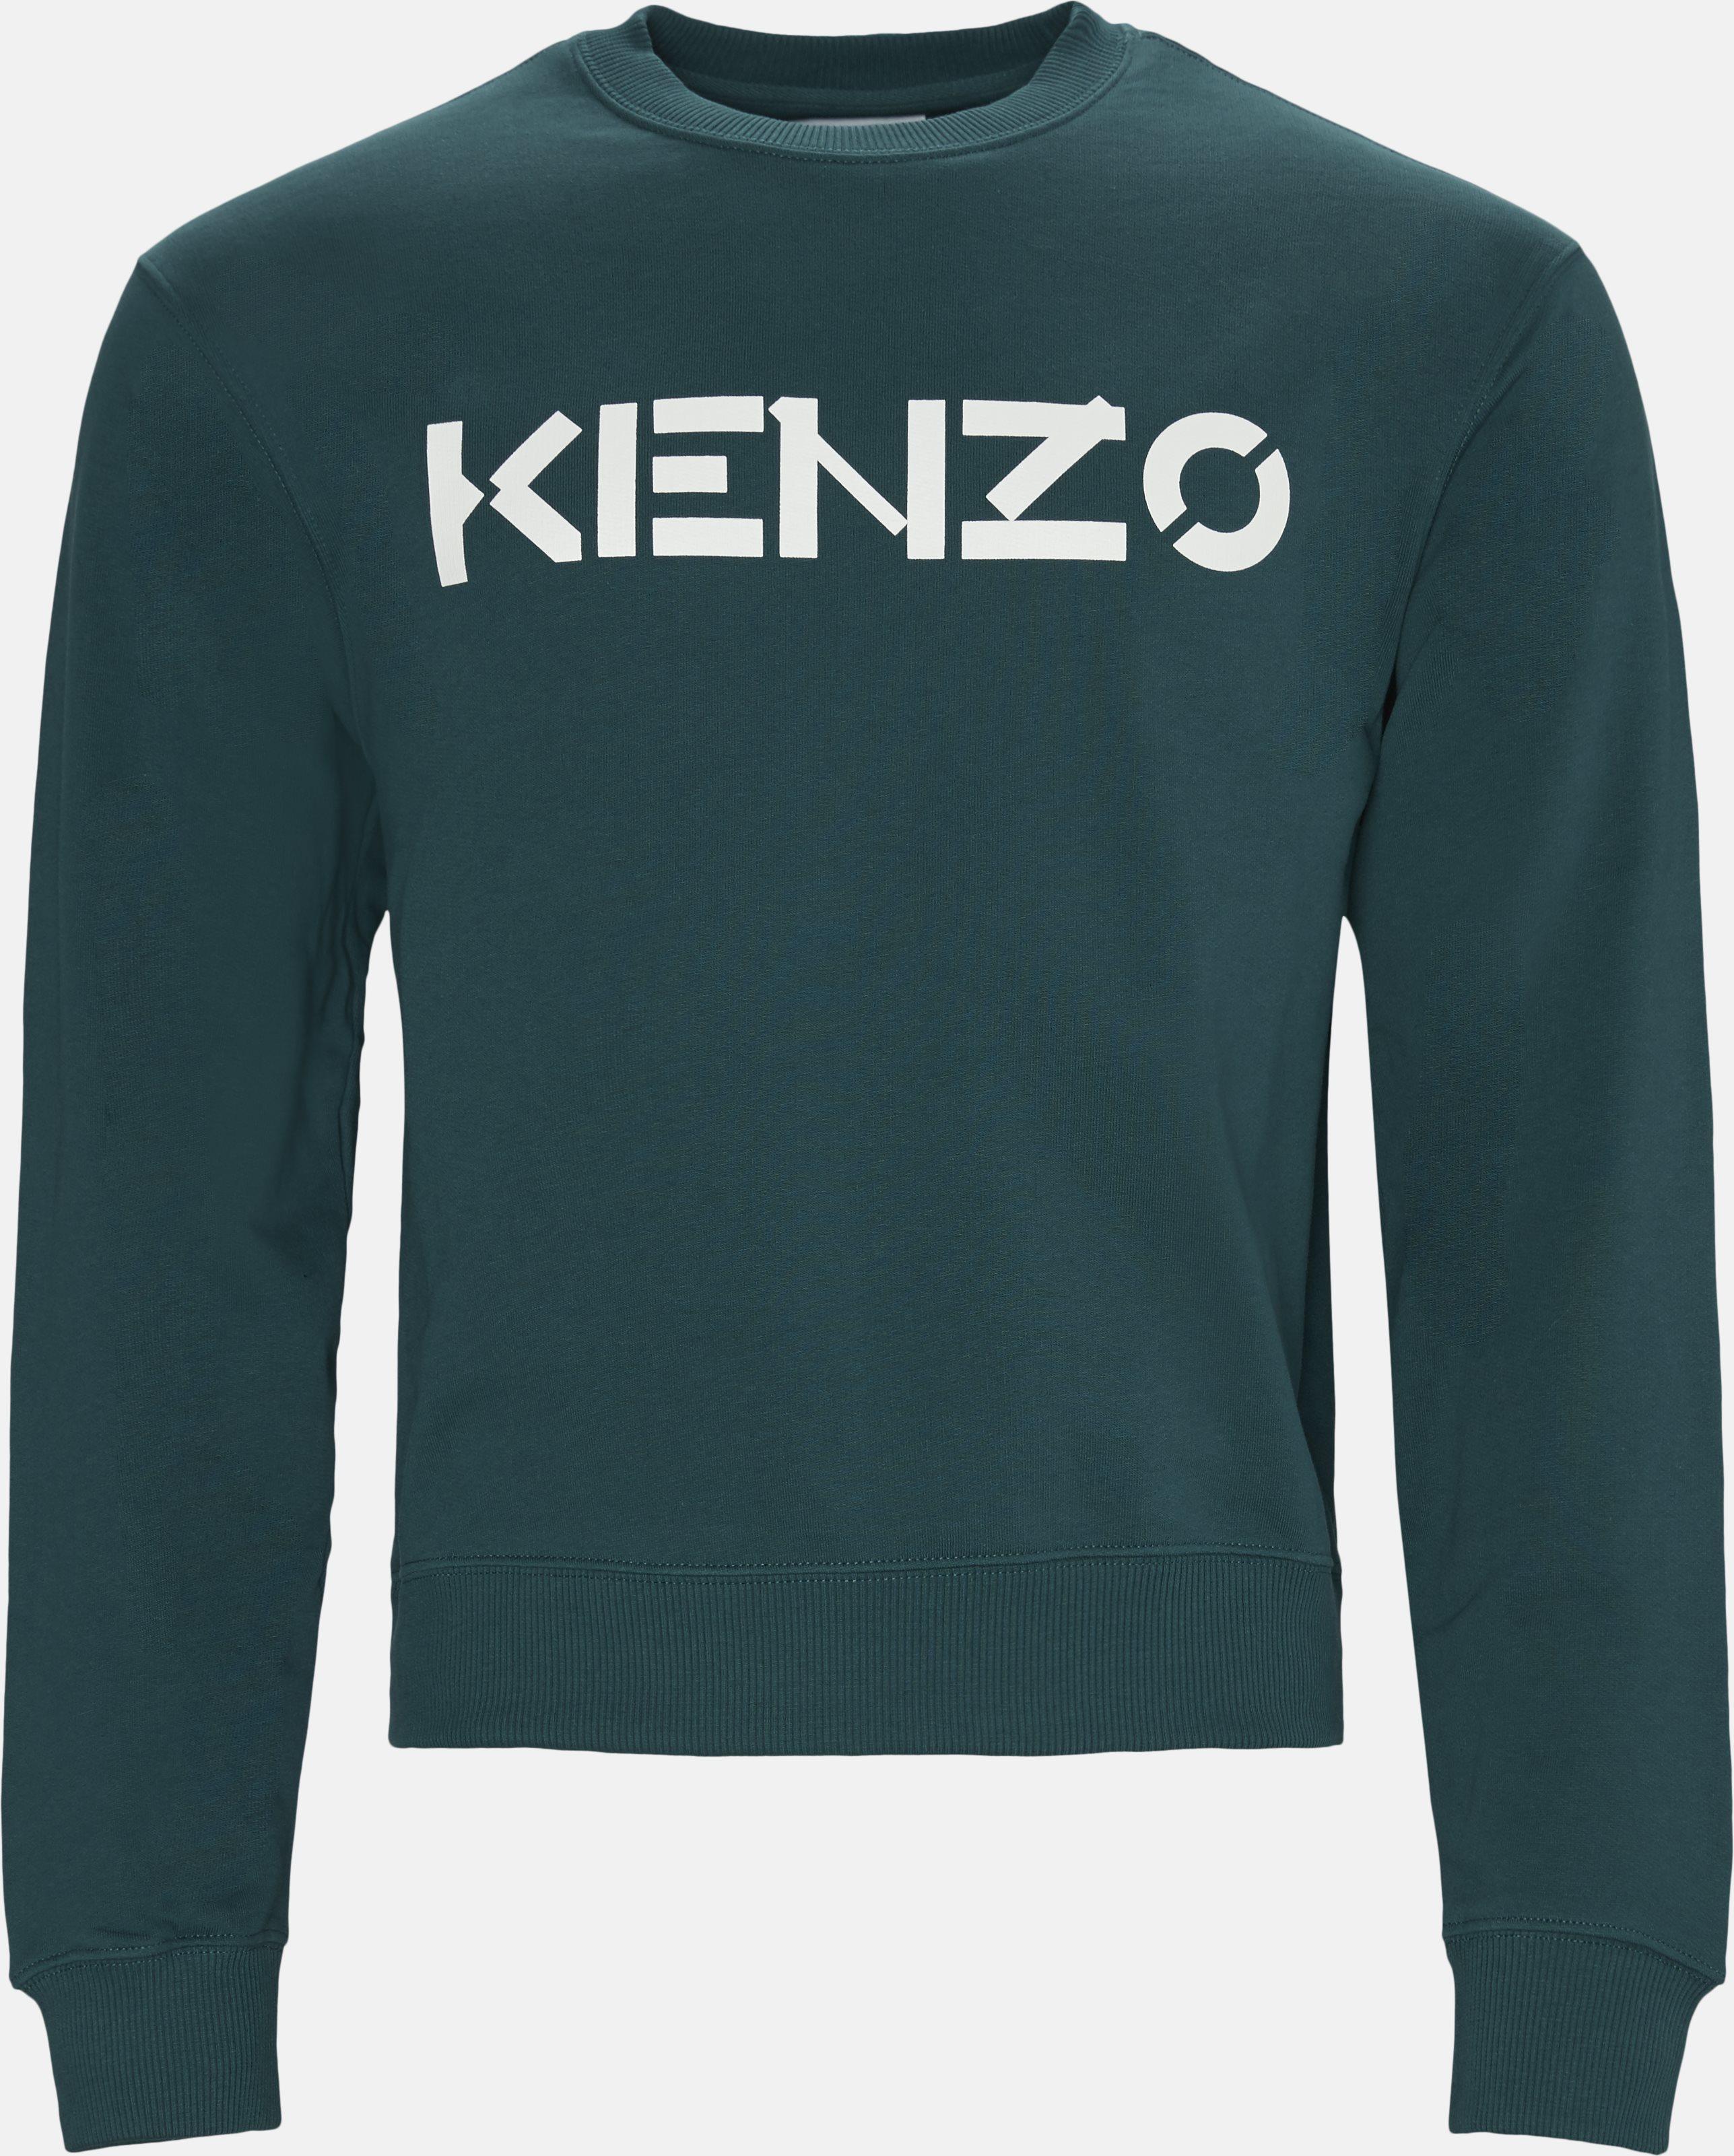 Sweatshirts - Oversized - Blue